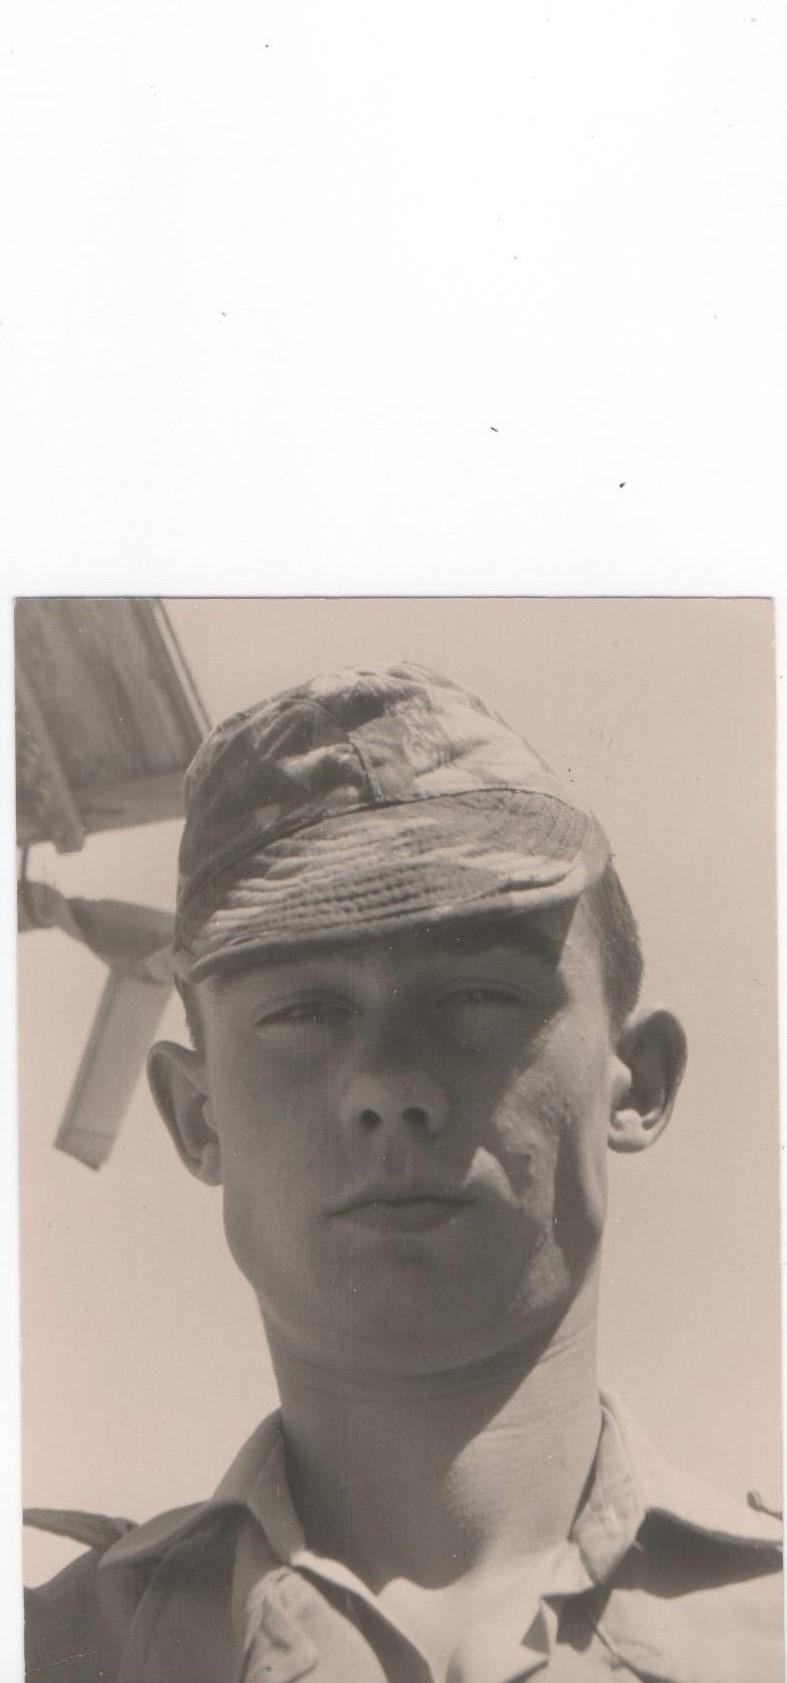 drole de casquette Bigeard 1959af10